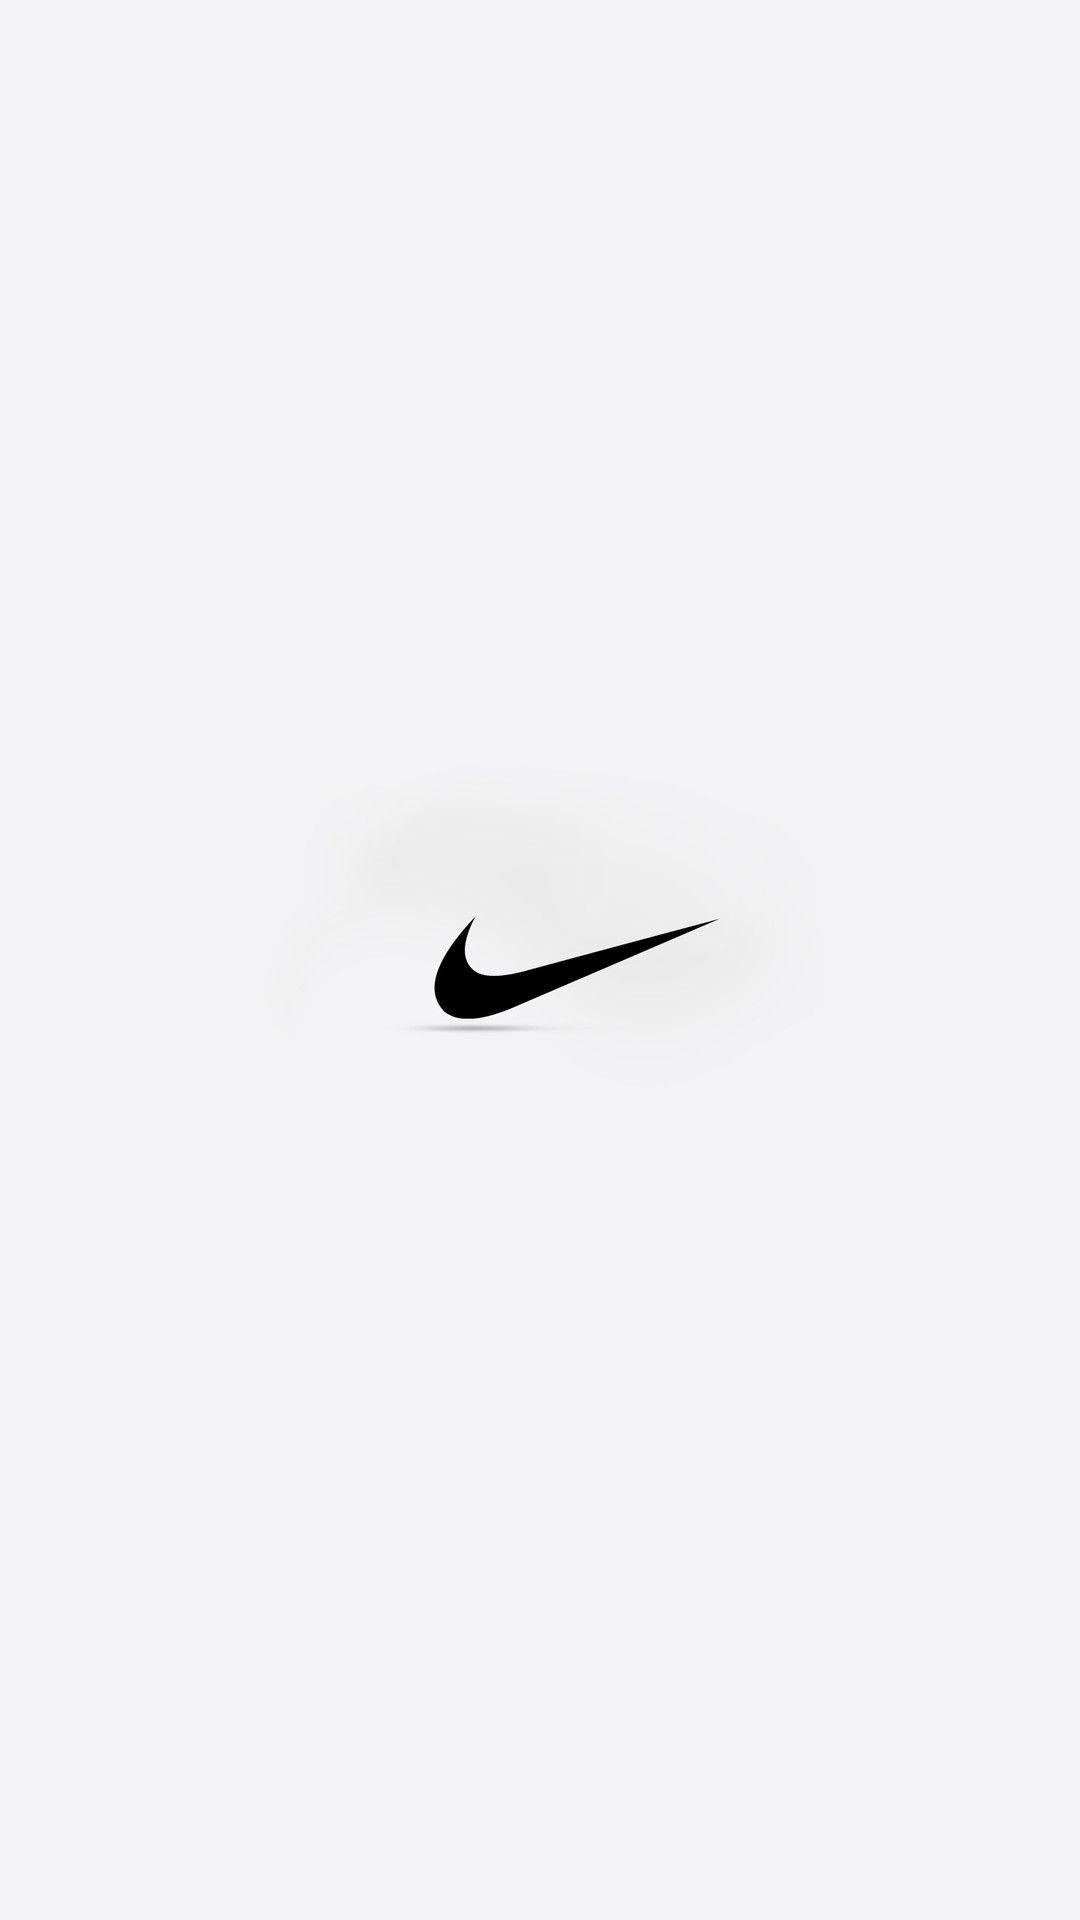 Intestinos Jadeo malta  1080x1920 Nike Black And White Logo Wallpaper | Papel de parede da ...